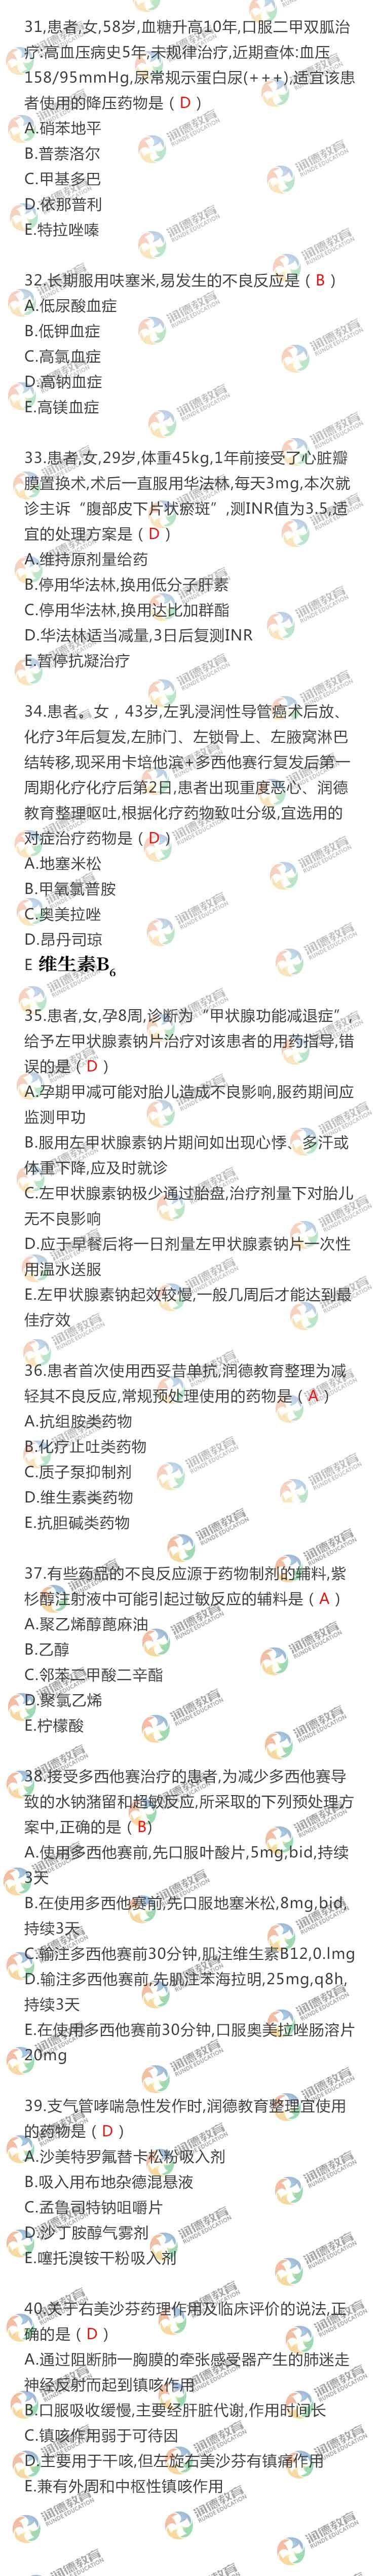 执业药师西药二31-40.jpg